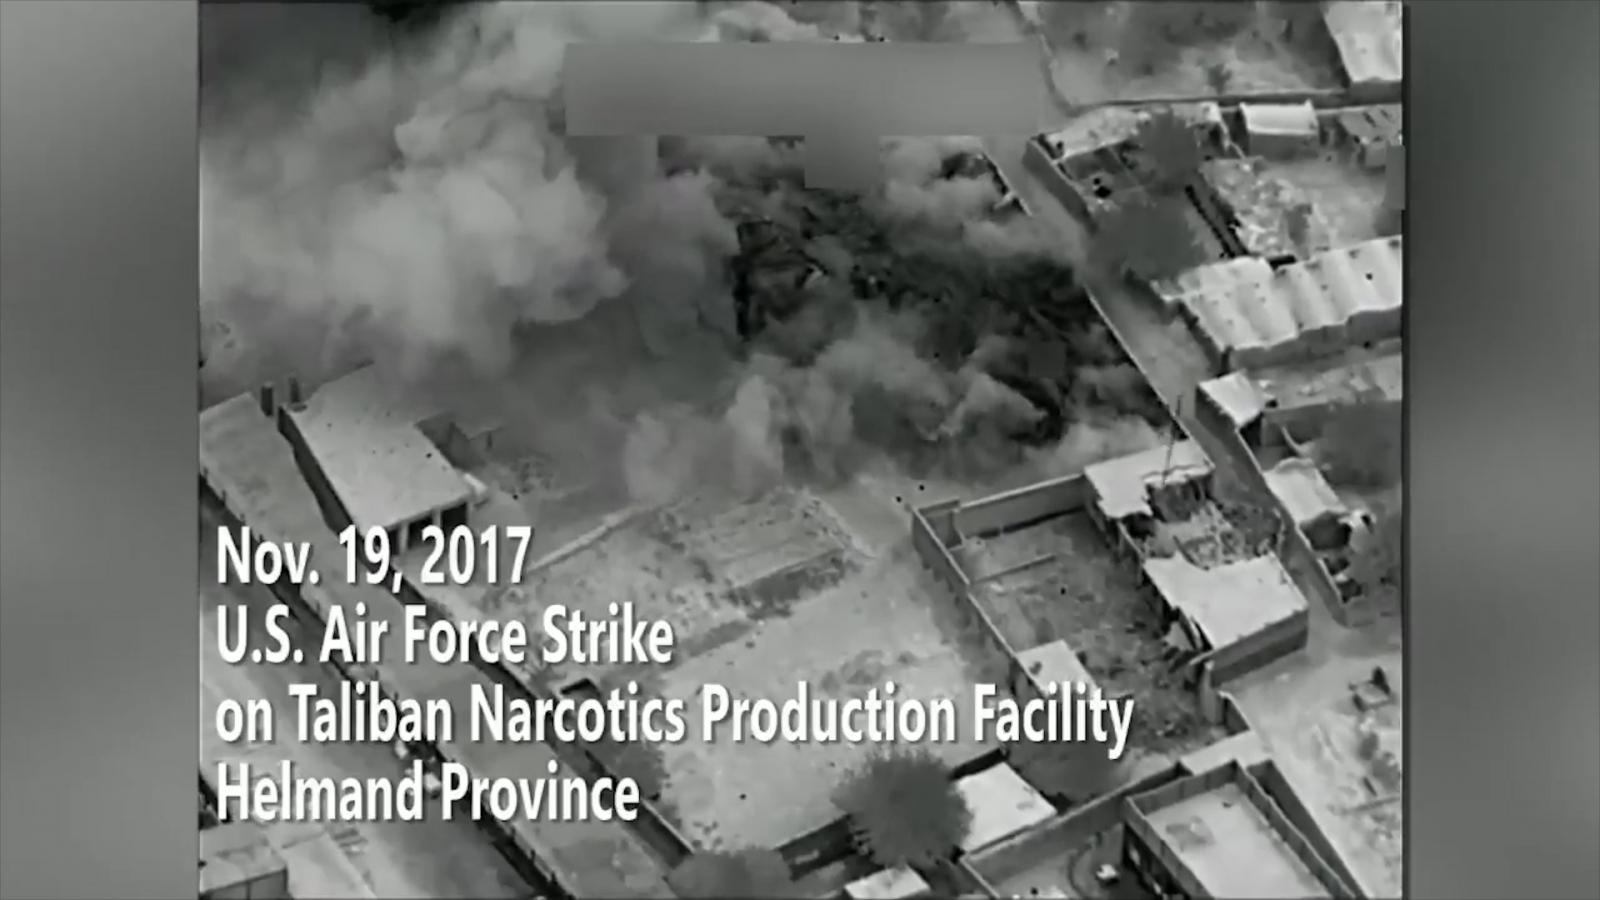 us-air-force-targets-afghanistan-drug-labs-in-airstrikes